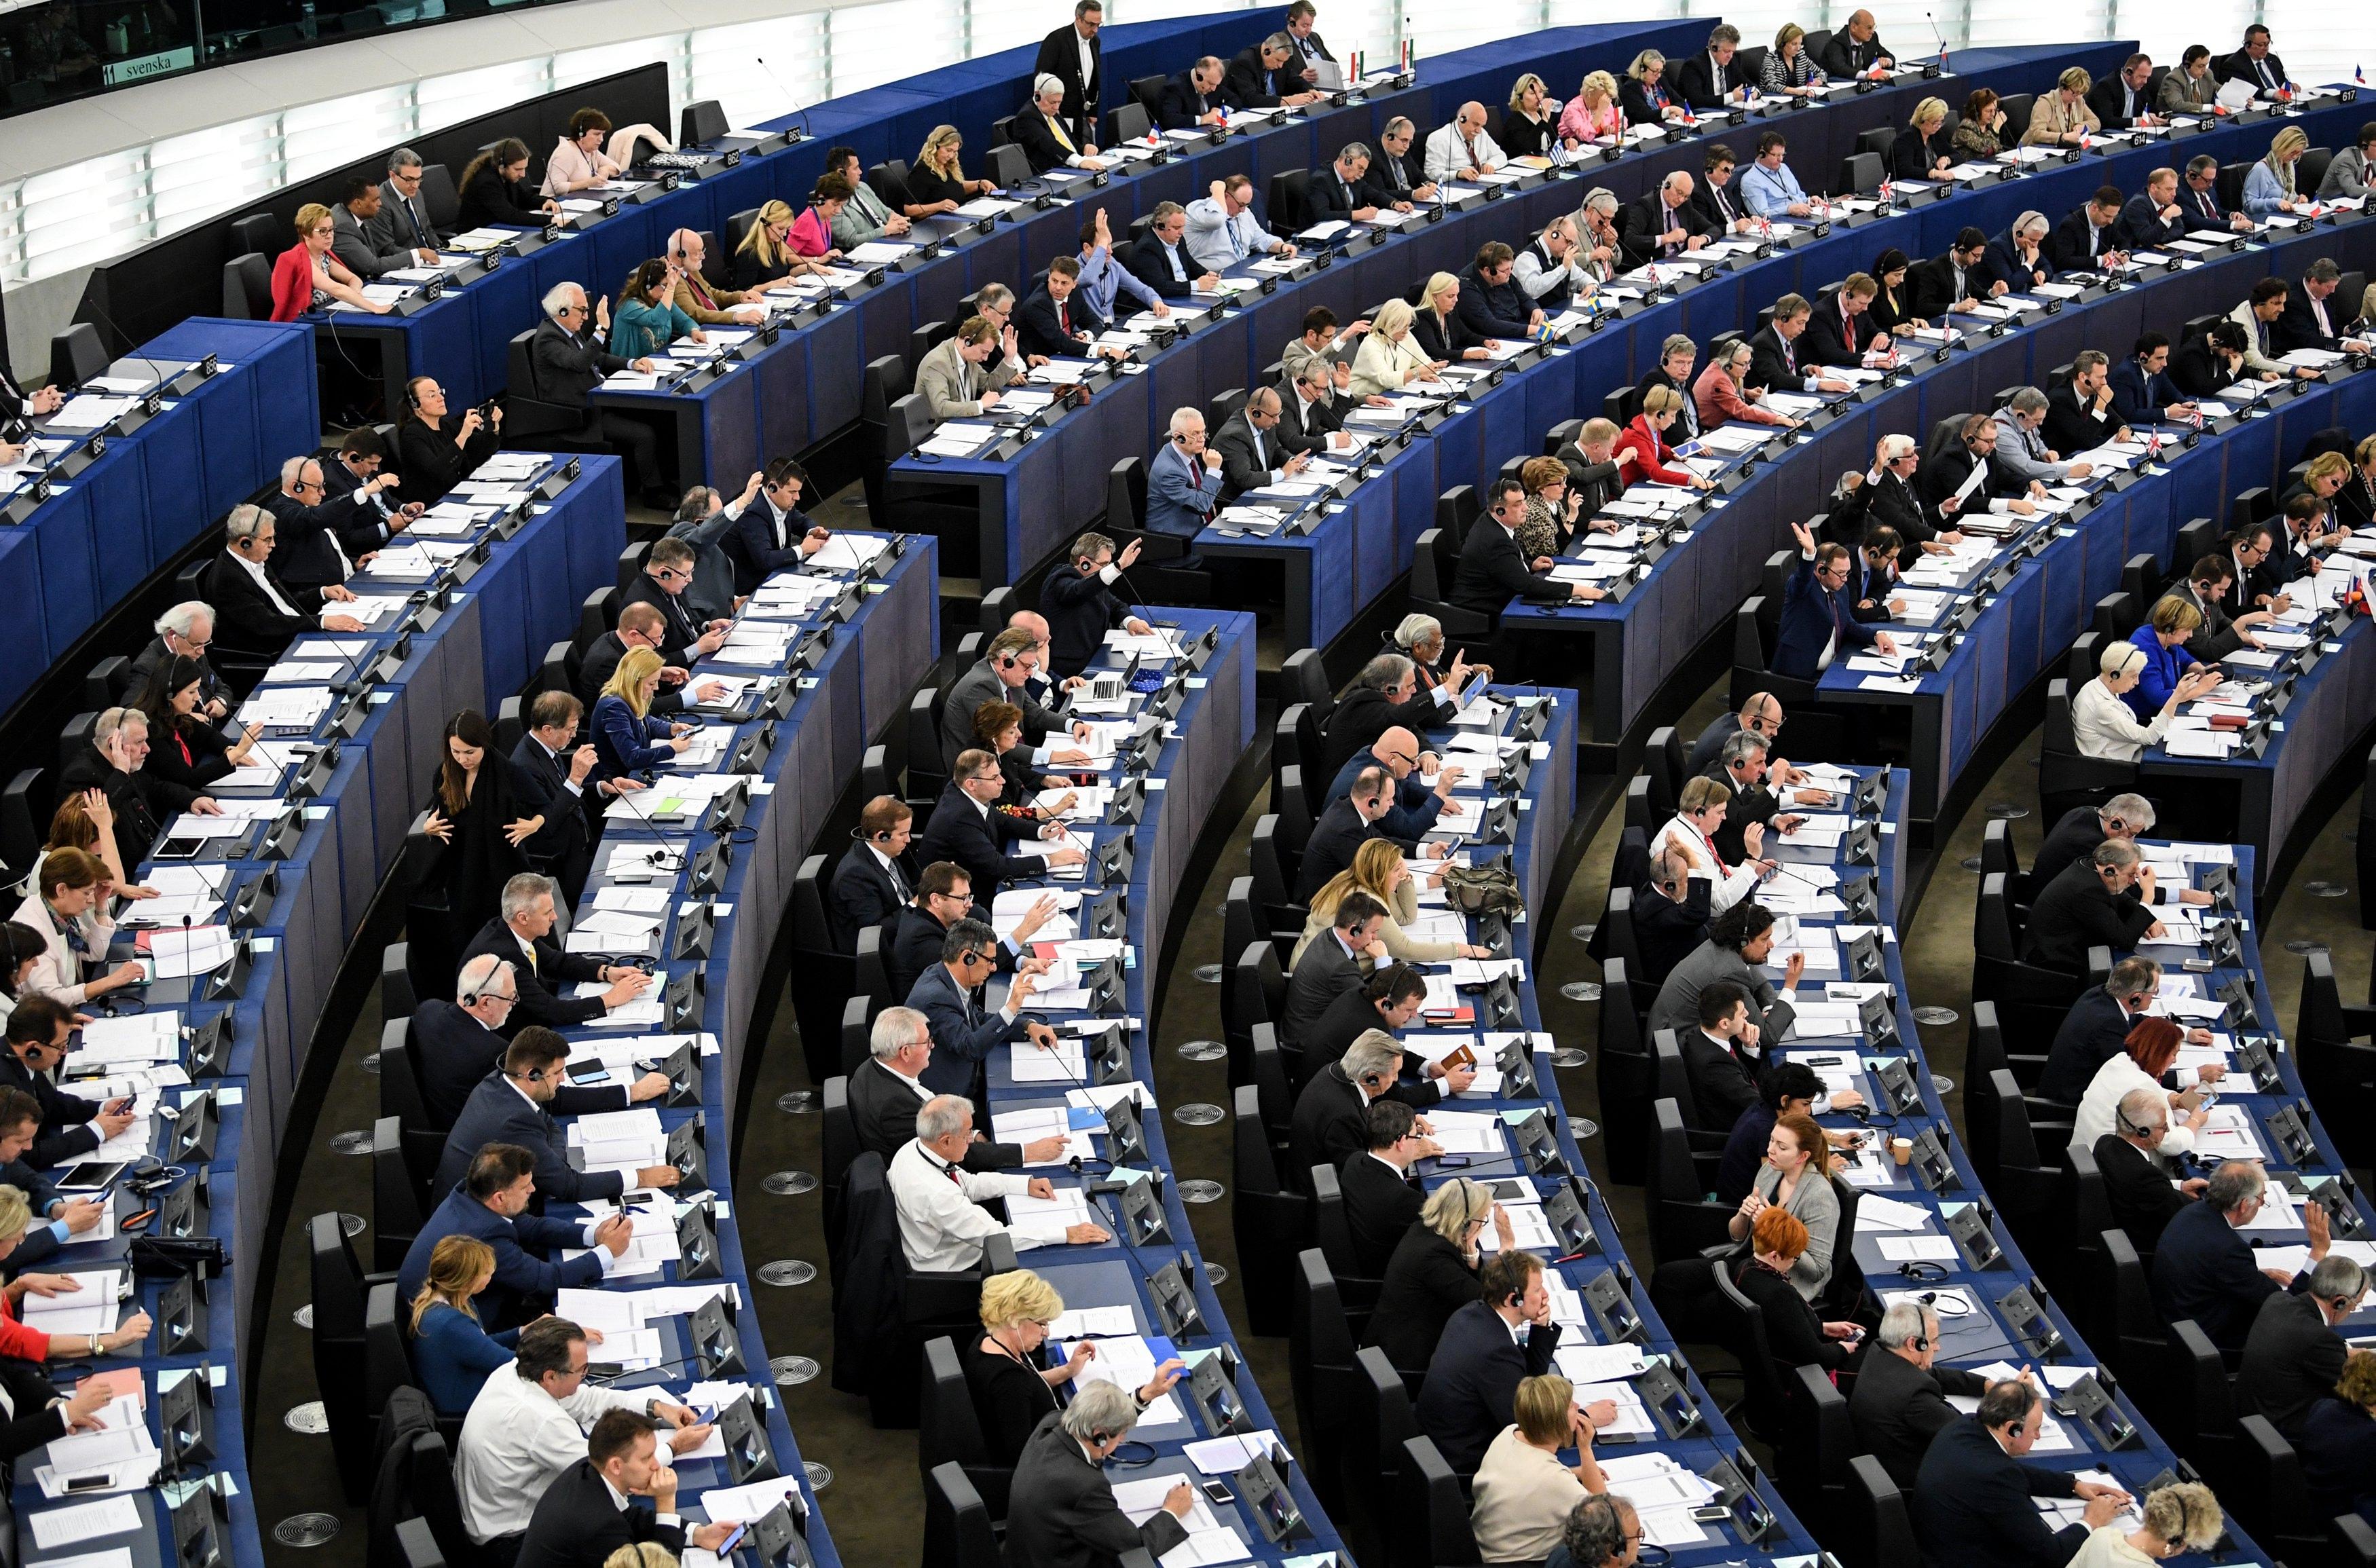 Ευρωπαίος αξιωματούχος: Θα αργήσει να κλείσει η αξιολόγηση | tovima.gr